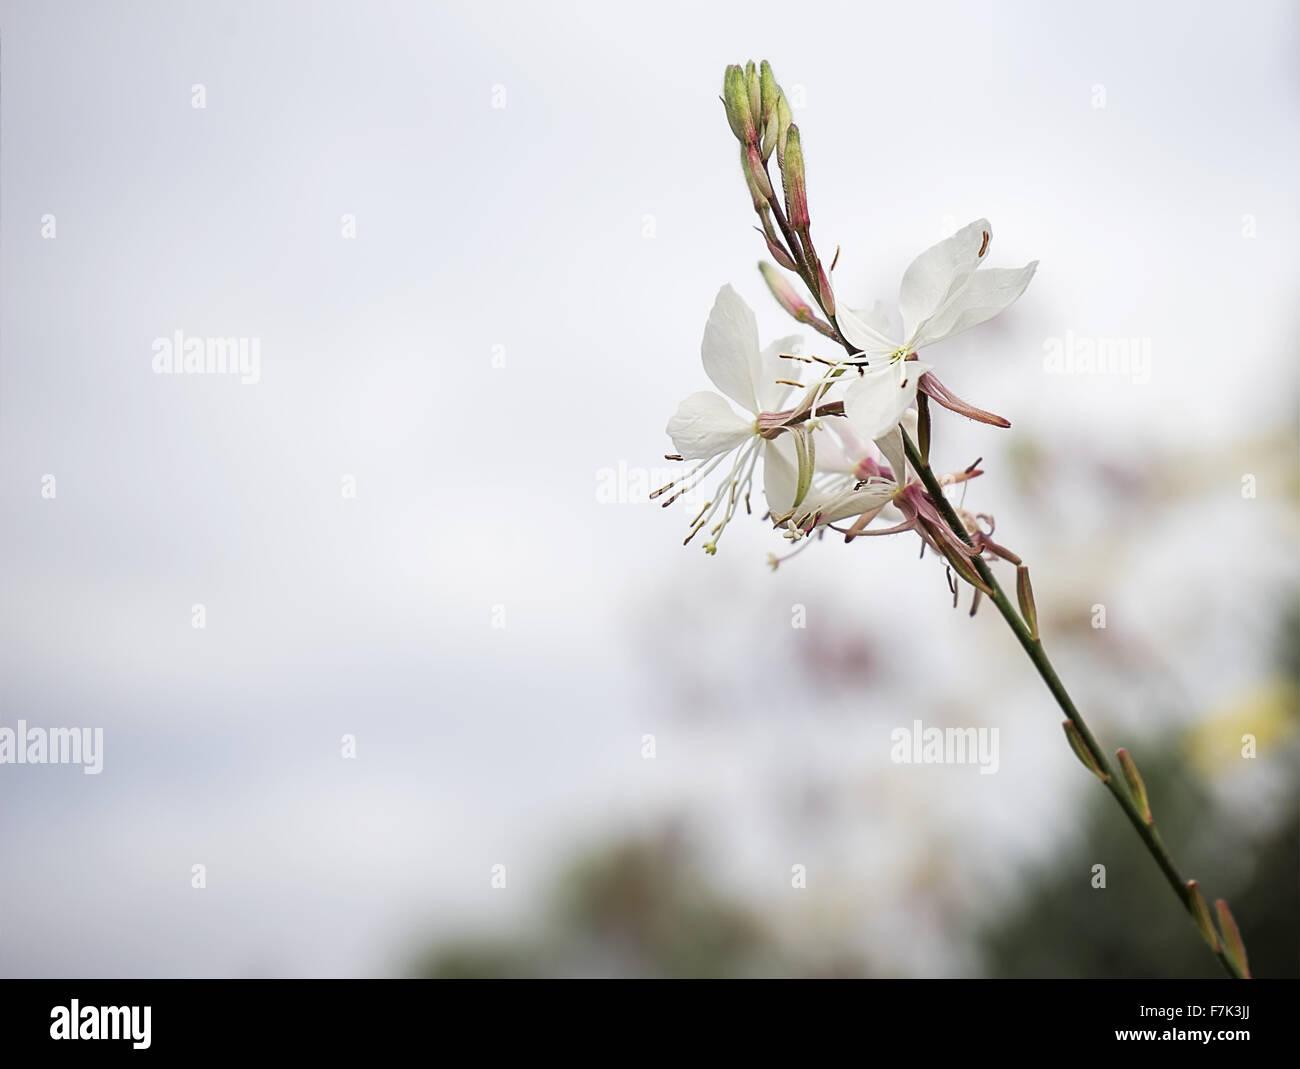 Gaura flor o arbusto de mariposas con neutral copia de fondo el espacio adecuado para el duelo de condolencia y Imagen De Stock